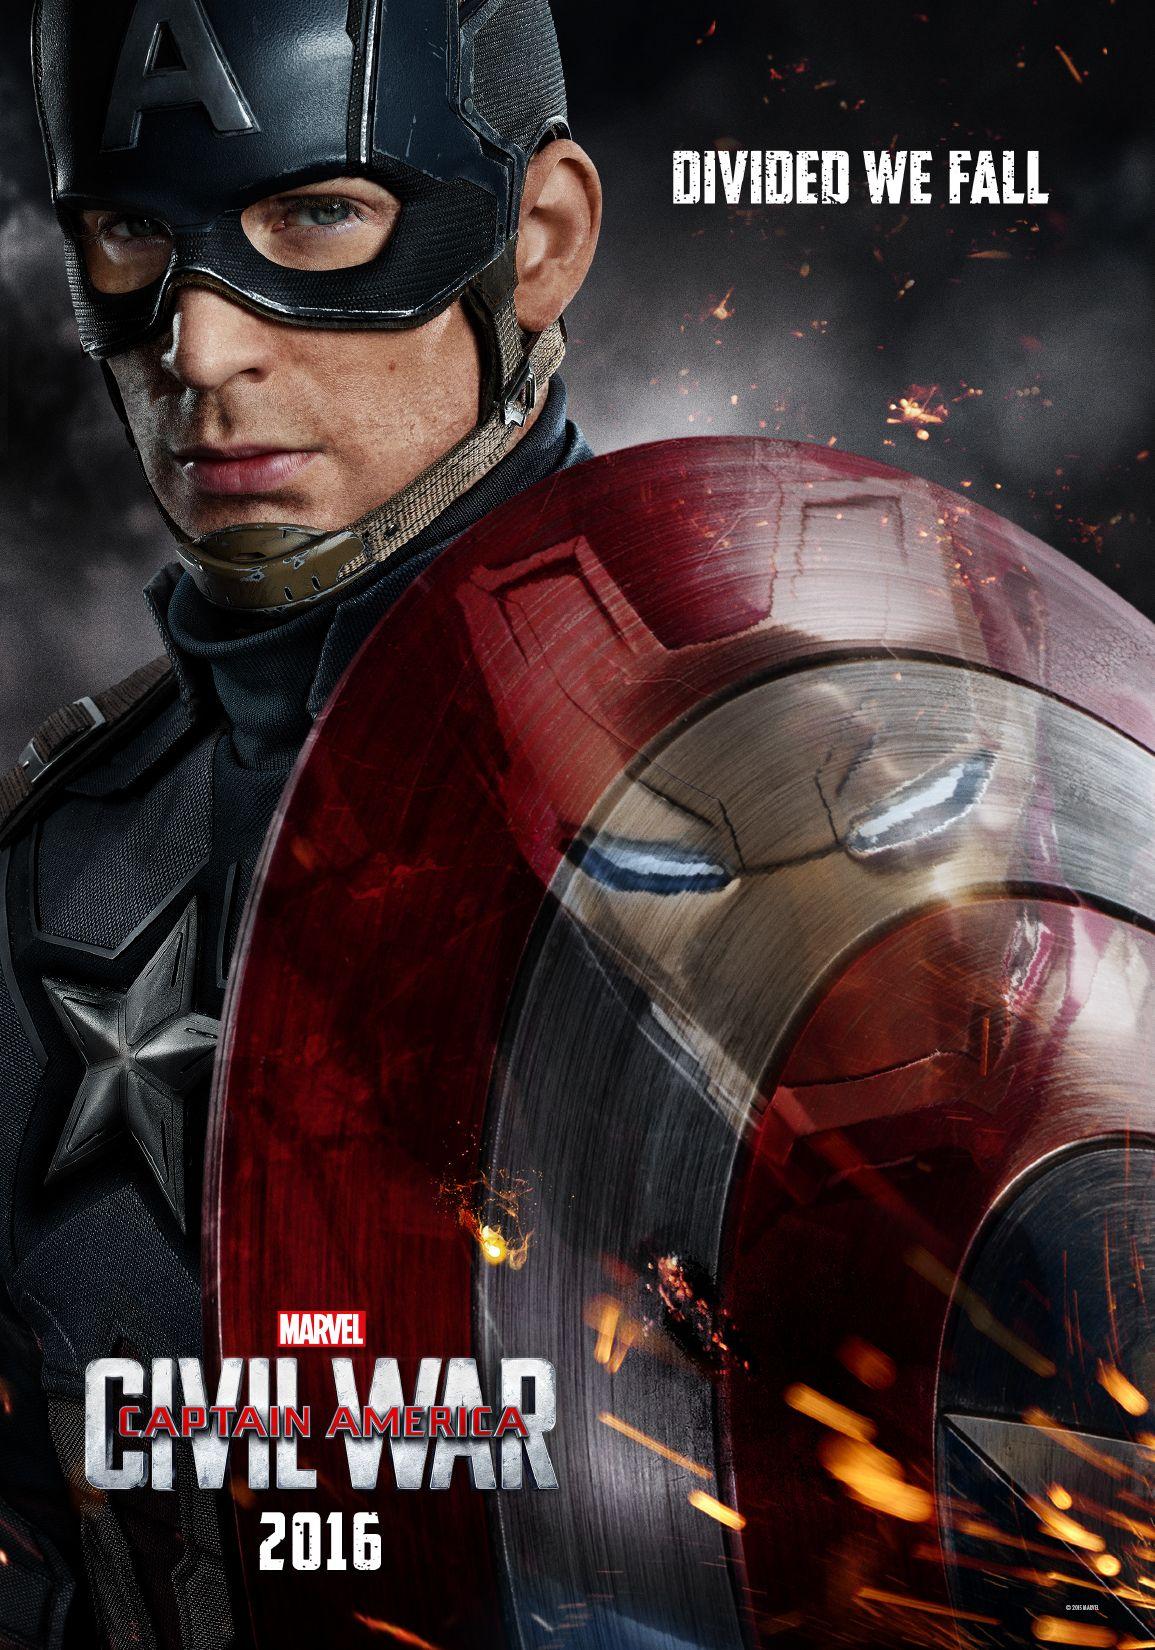 Captain America Civil War Captain America Civil War Poster Captain America Civil War Movie Marvel Captain America